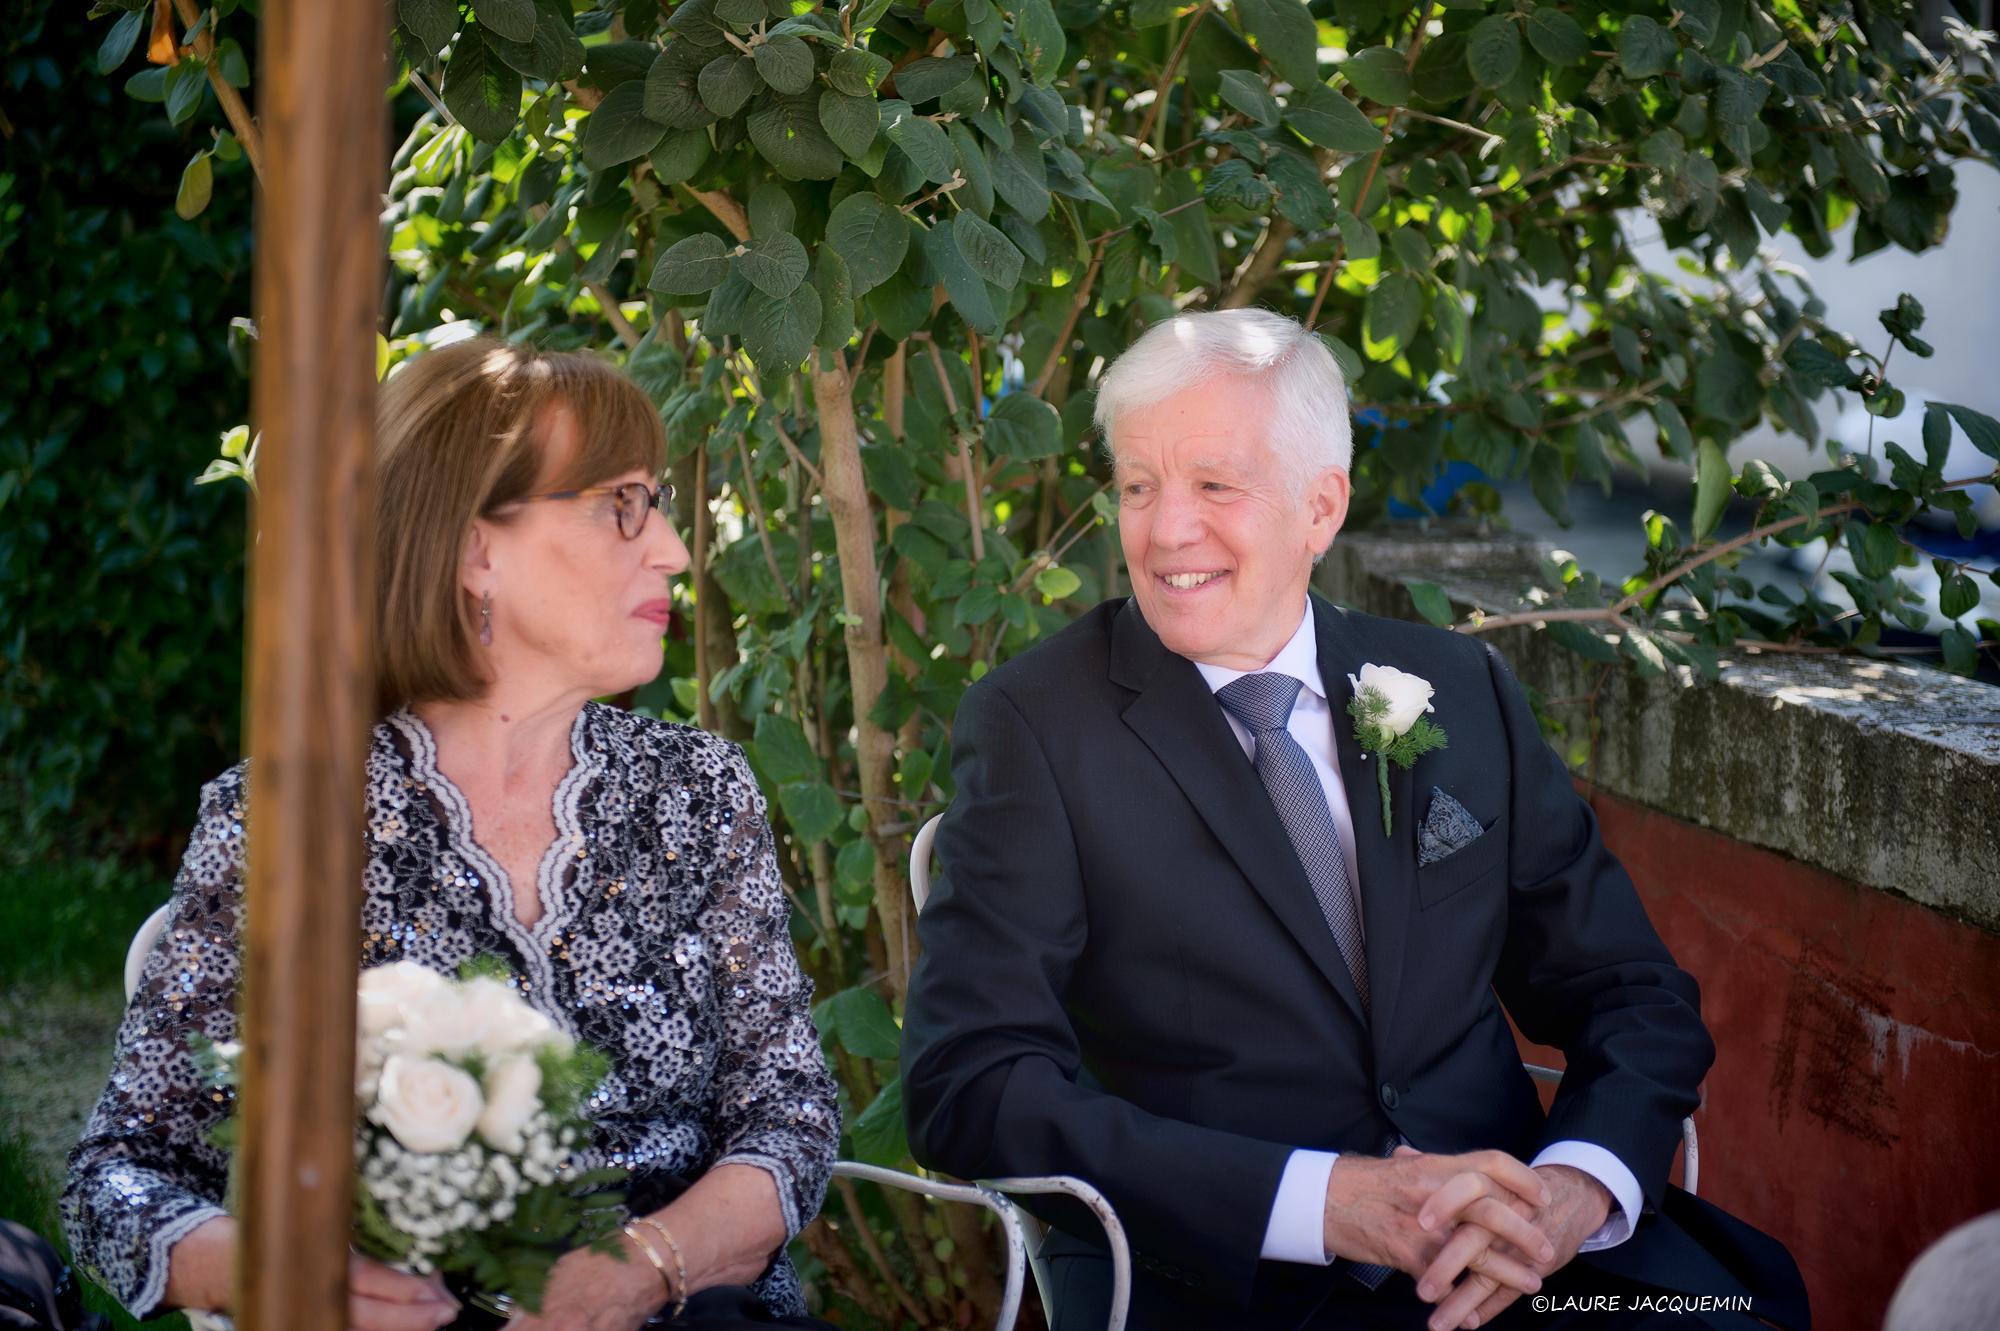 venise mariage photographe laure Jacquemin simbolique jardin venitien gondole (80)